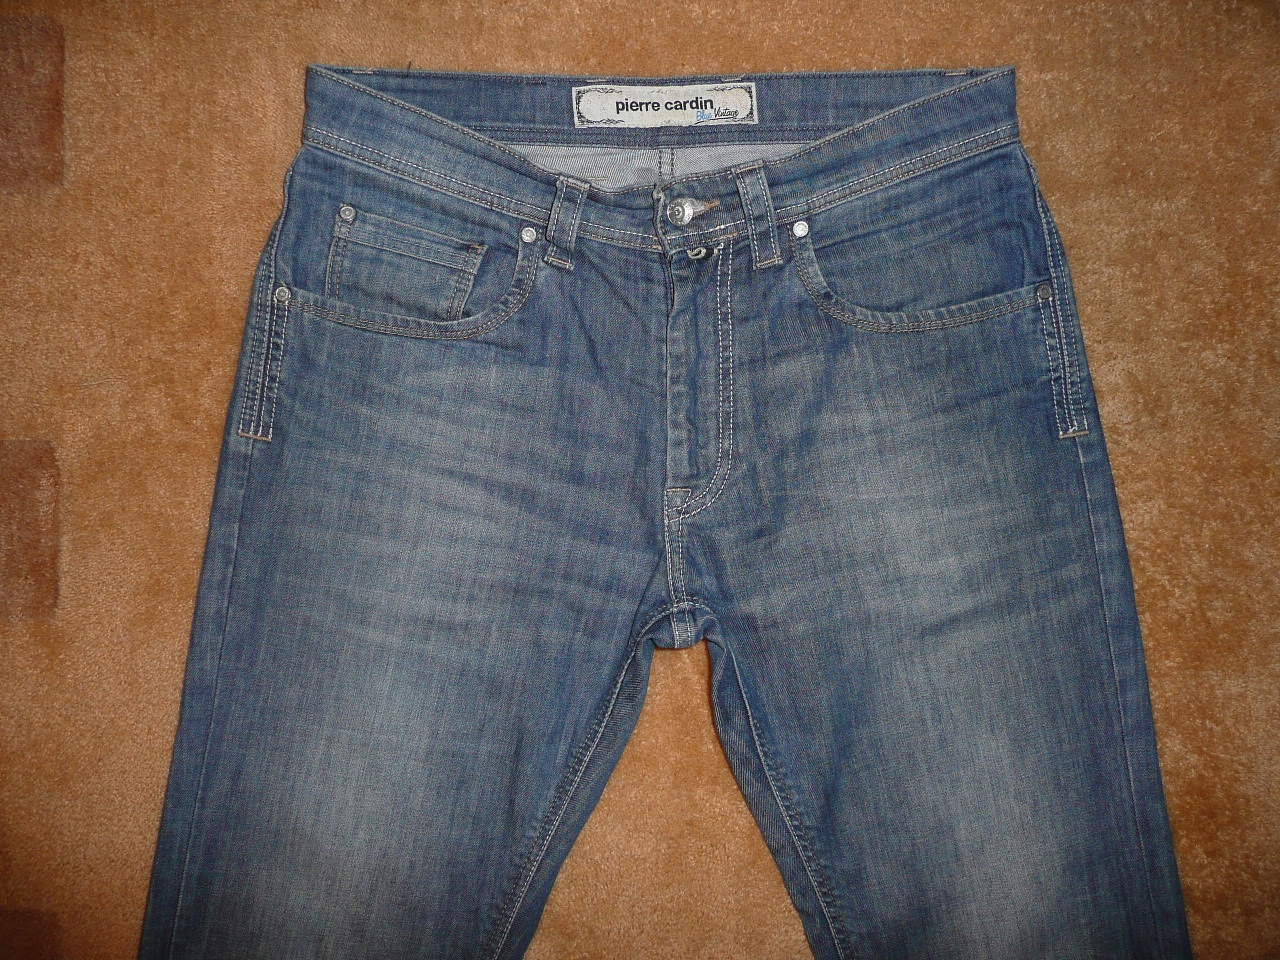 Spodnie dżinsy PIERRE CARDIN W33/L32=44/105,5cm